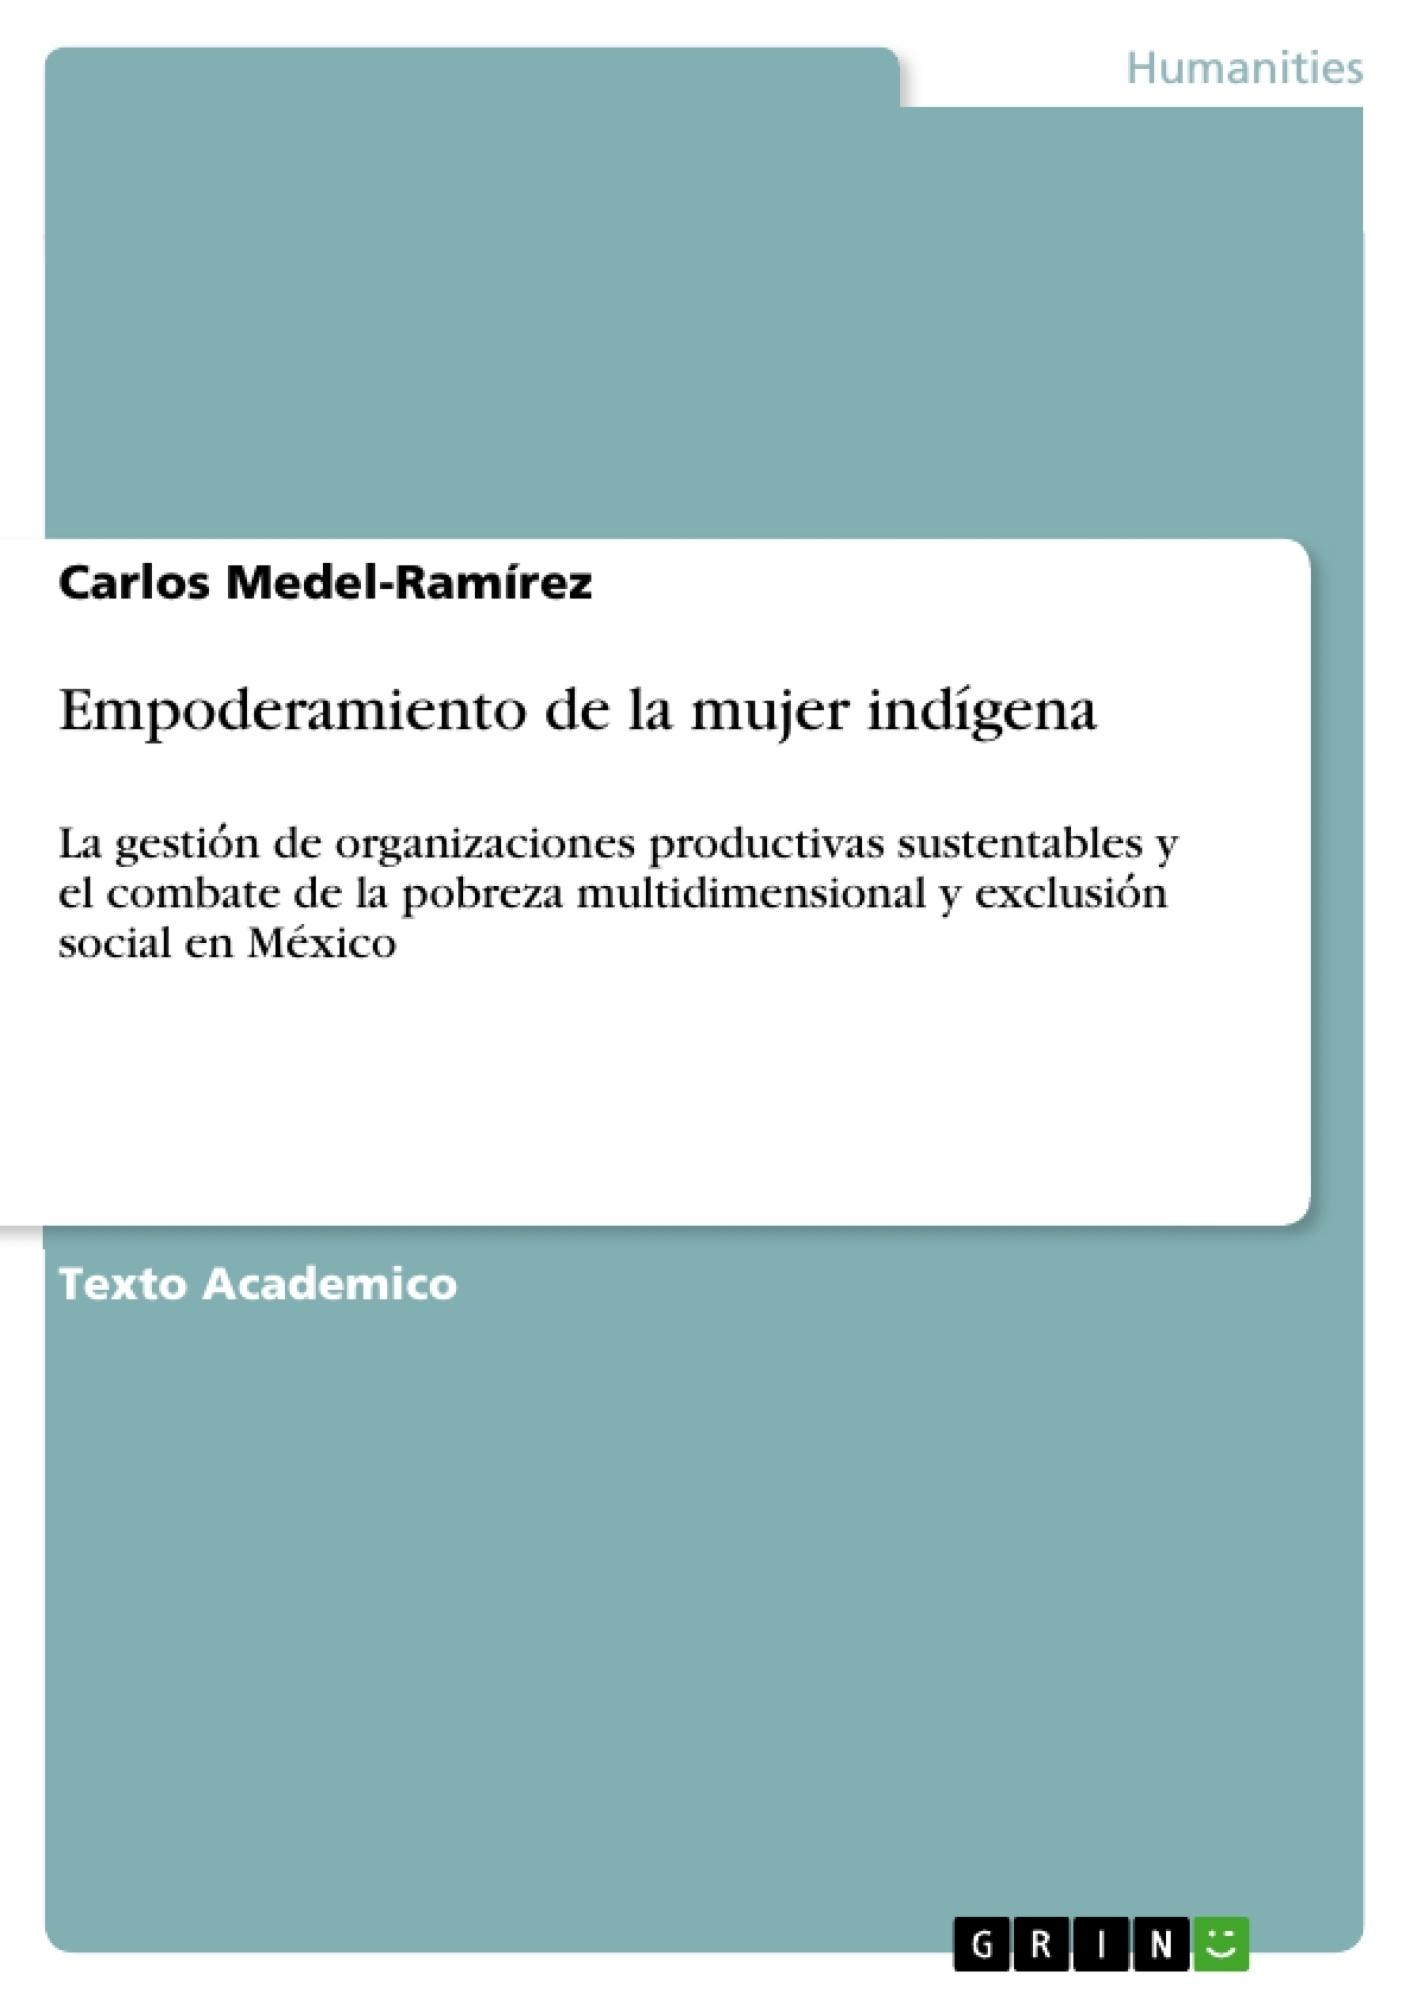 Título: Empoderamiento de la mujer indígena